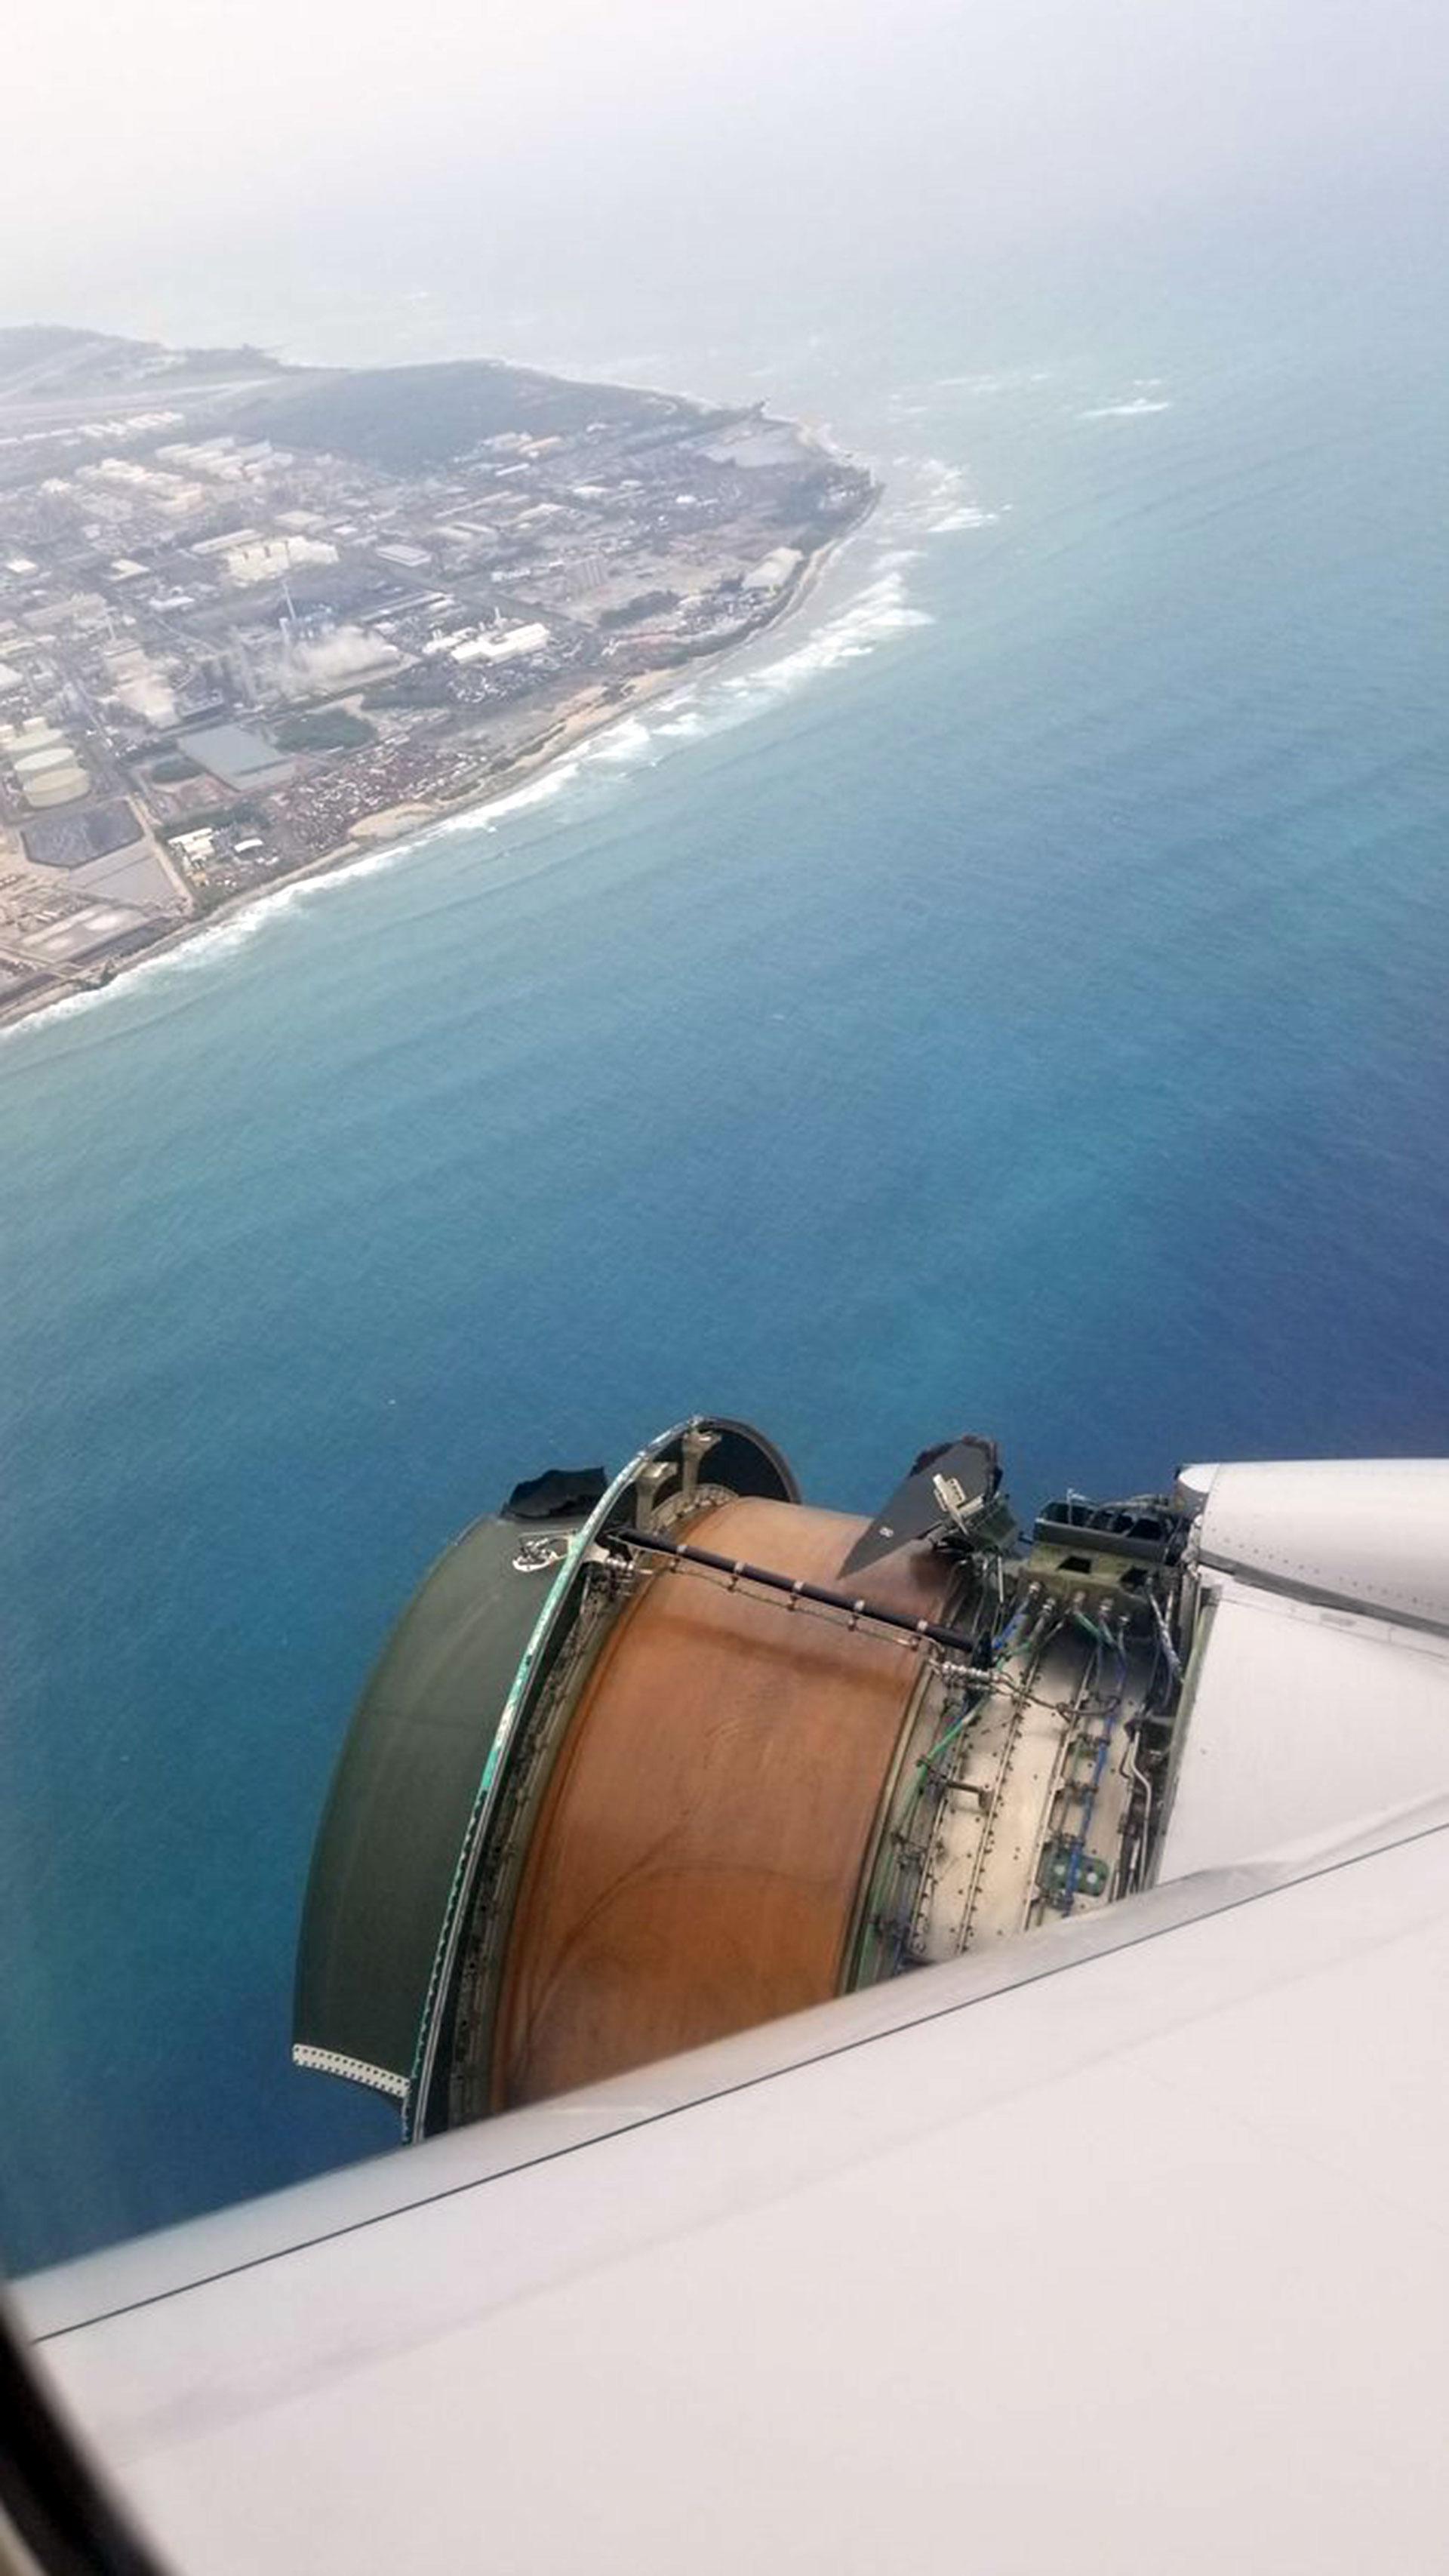 La turbina, con el fuselaje totalmente desintegrado